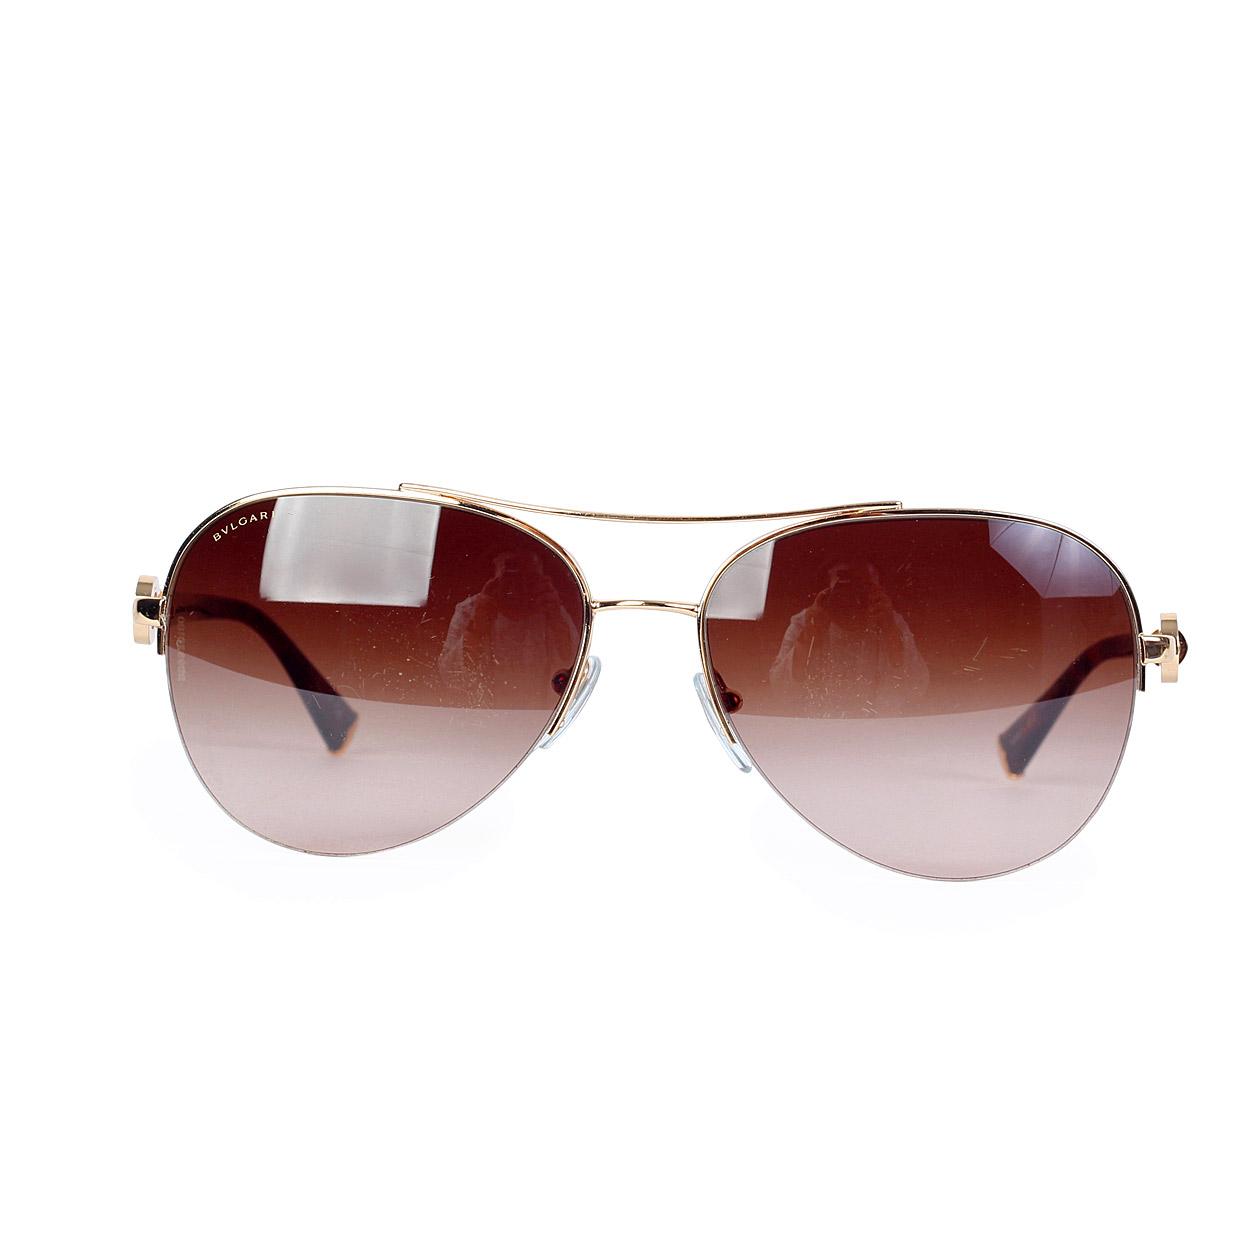 Bvlgari Sunglasses Gold Frame : BVLGARI Gold Plated Aviator Sunglasses 6068K - Luxity